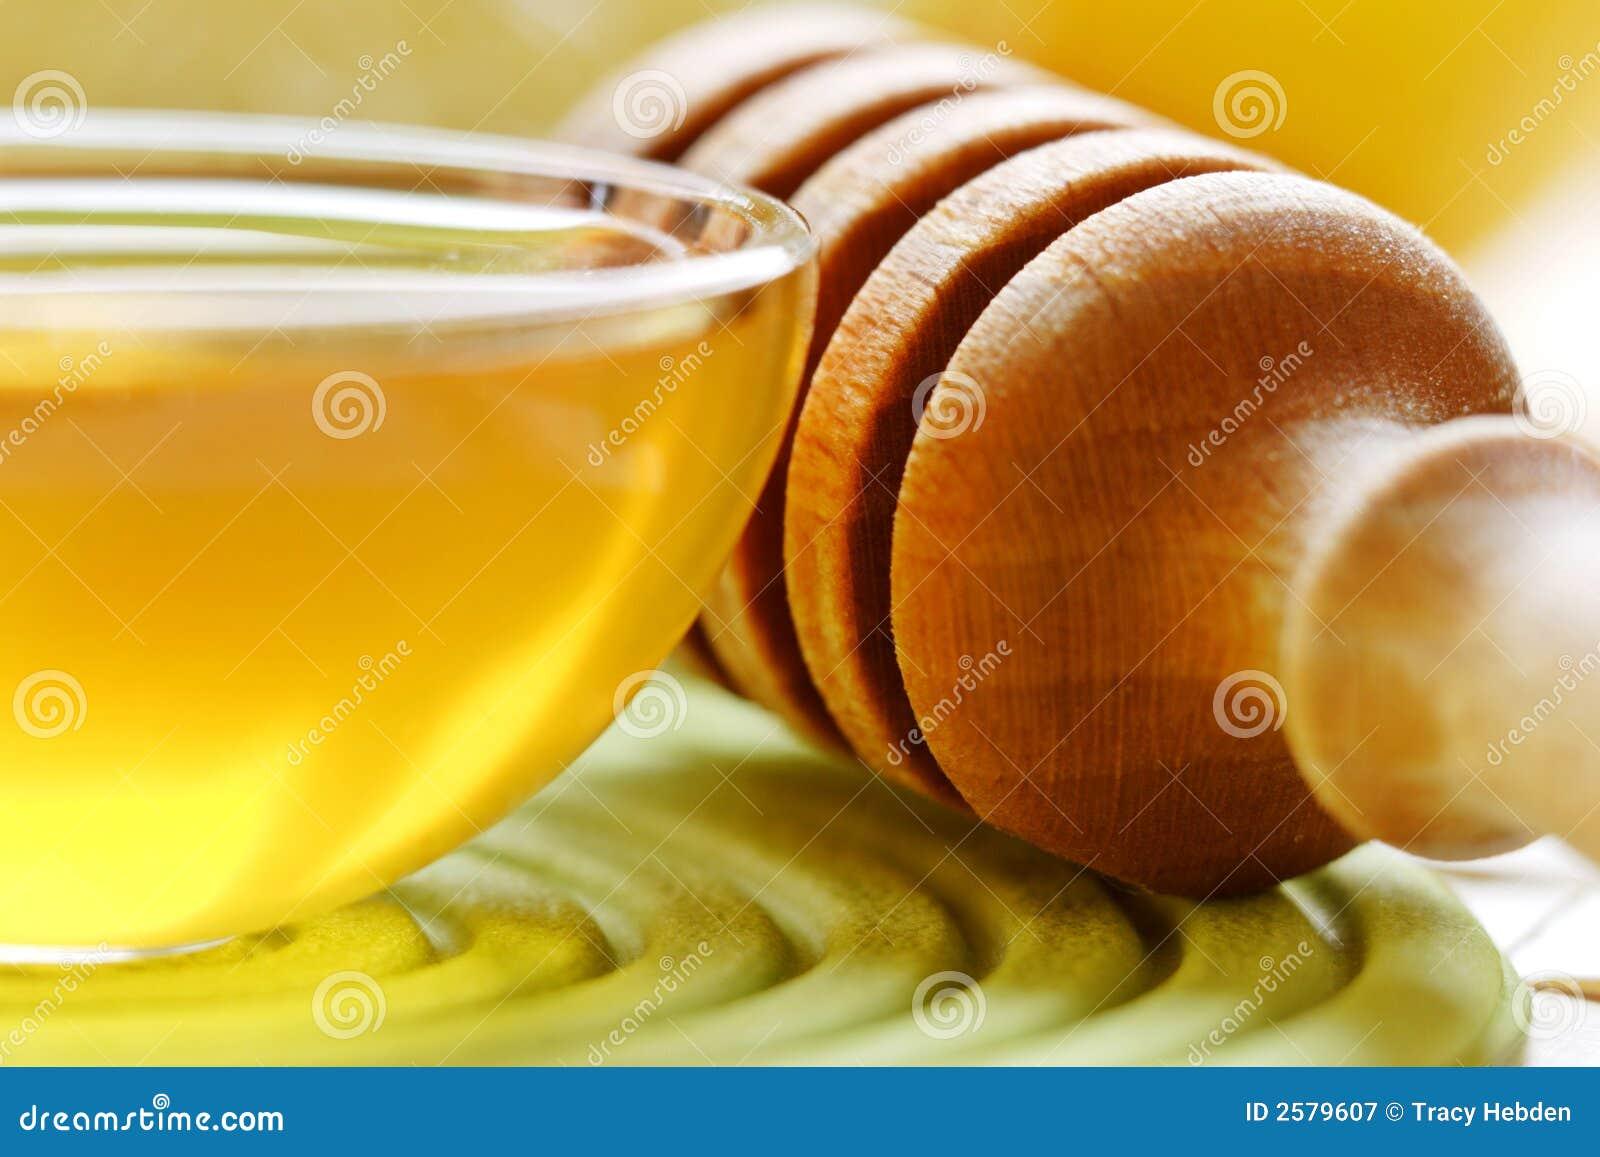 Heerlijke honing